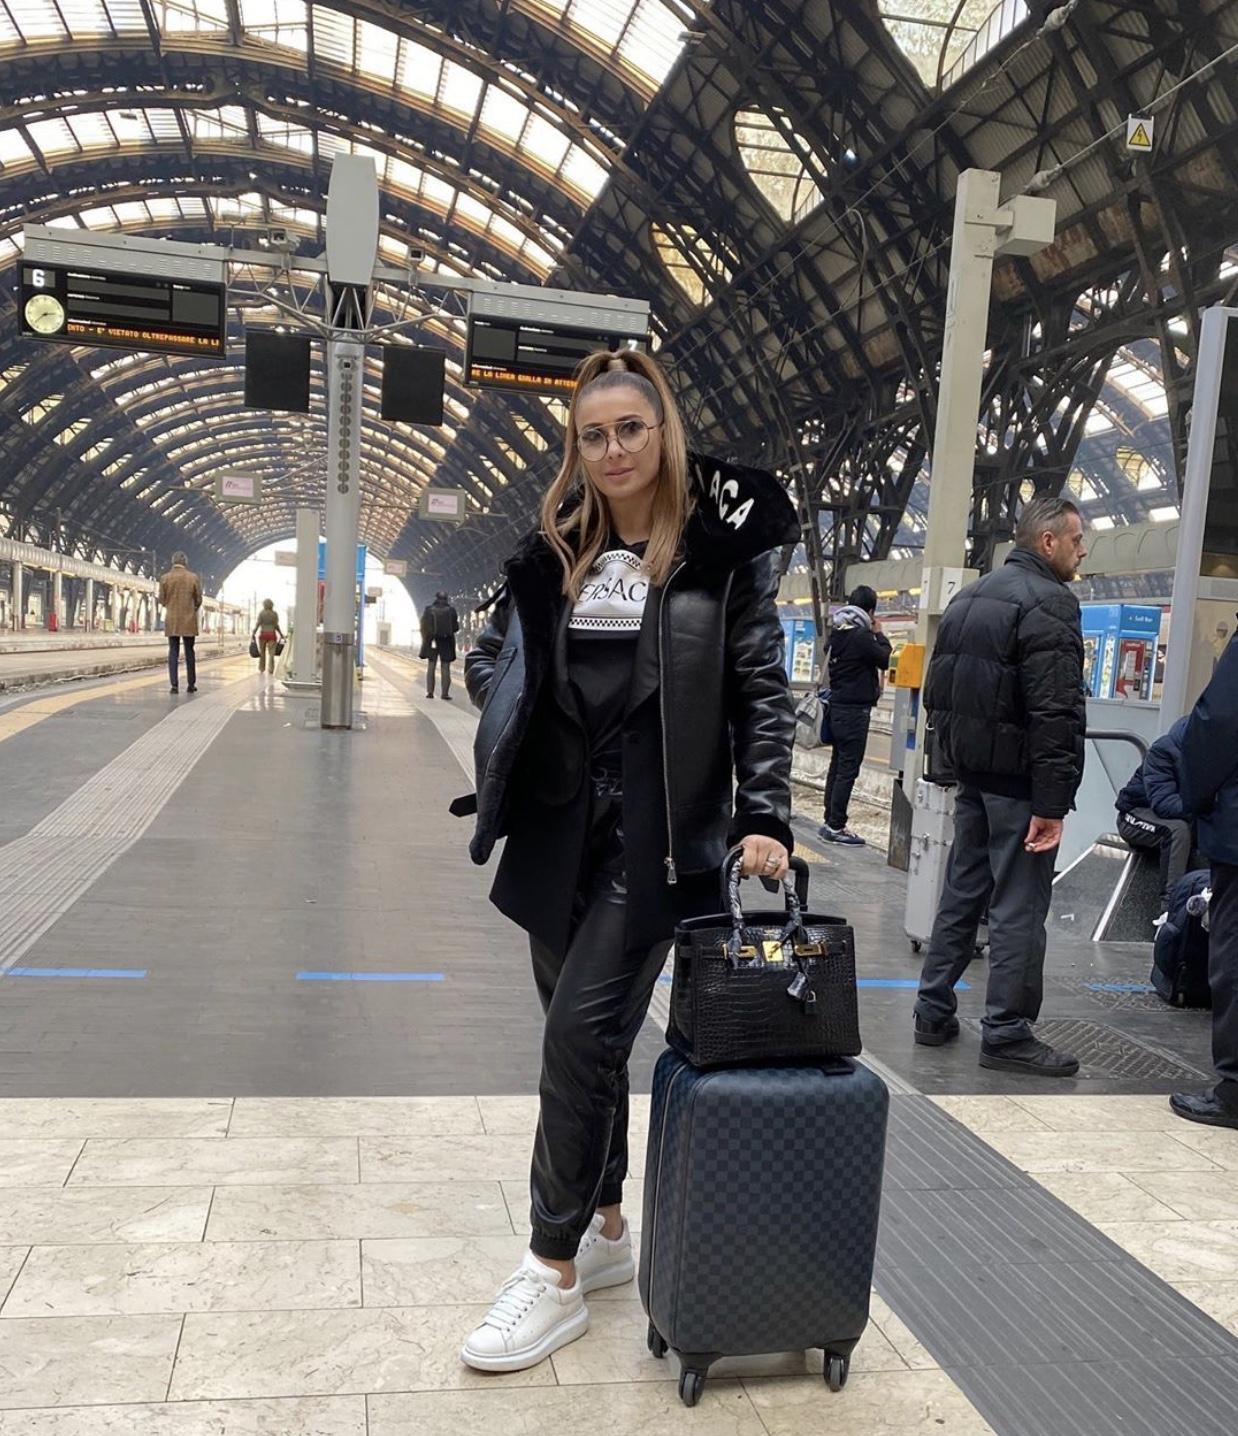 """Duminicã, de la 19:45, la Prodanca şi Reghe. Preţul succesului. Anamaria Prodan, imagini inedite în Milano:""""E prima oarã când fac asta!"""""""